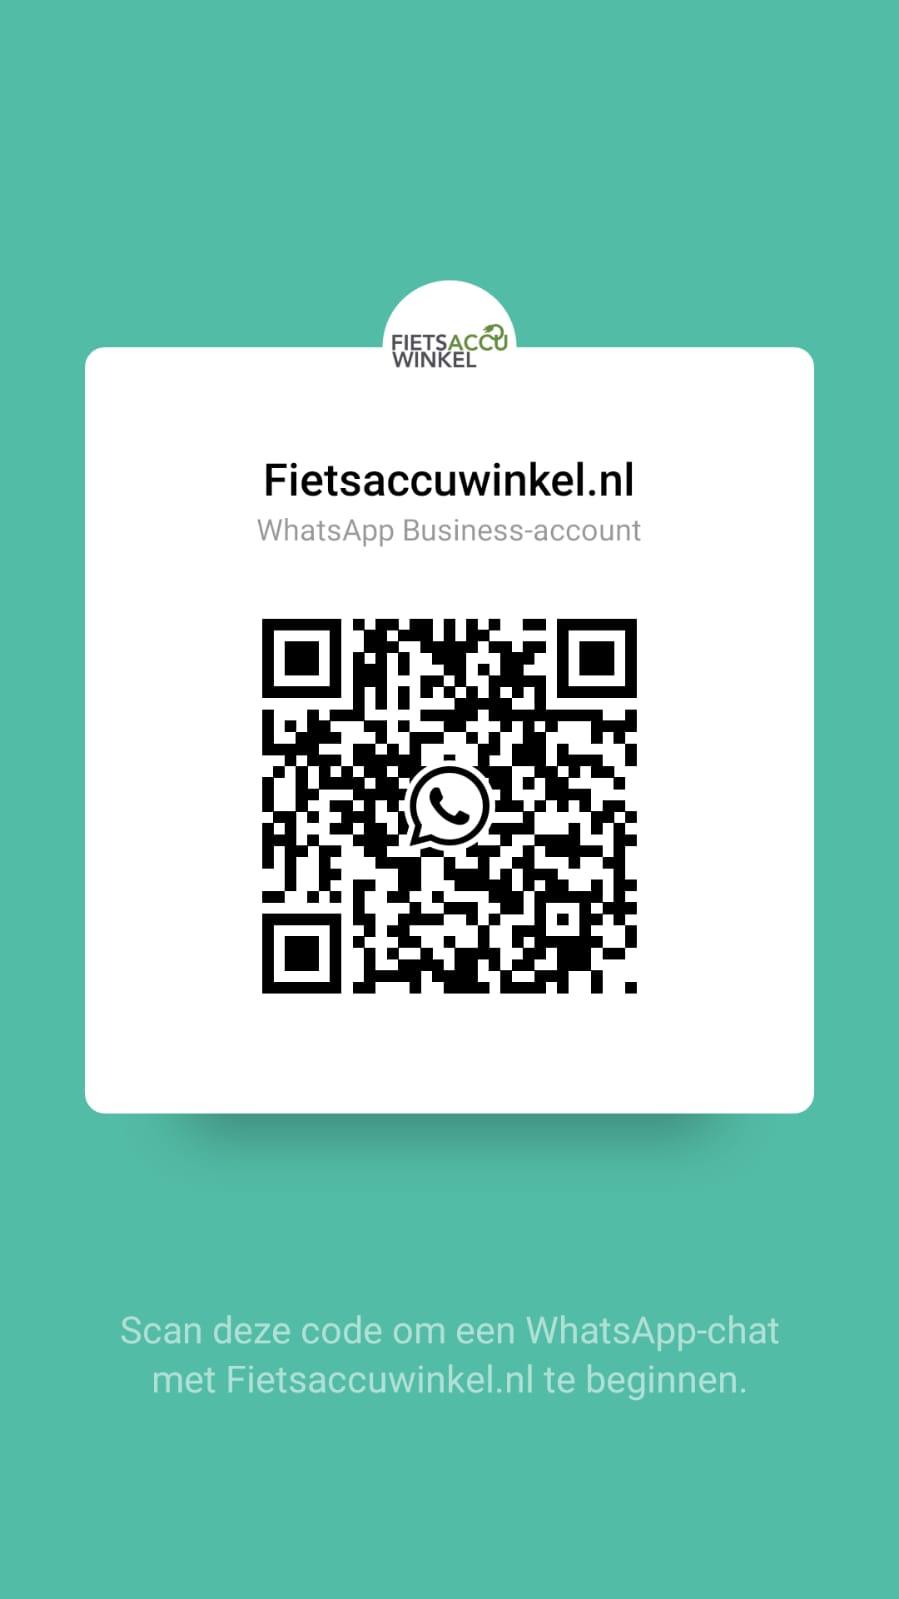 Fietsaccuwinkel_Whatsapp_QR_code